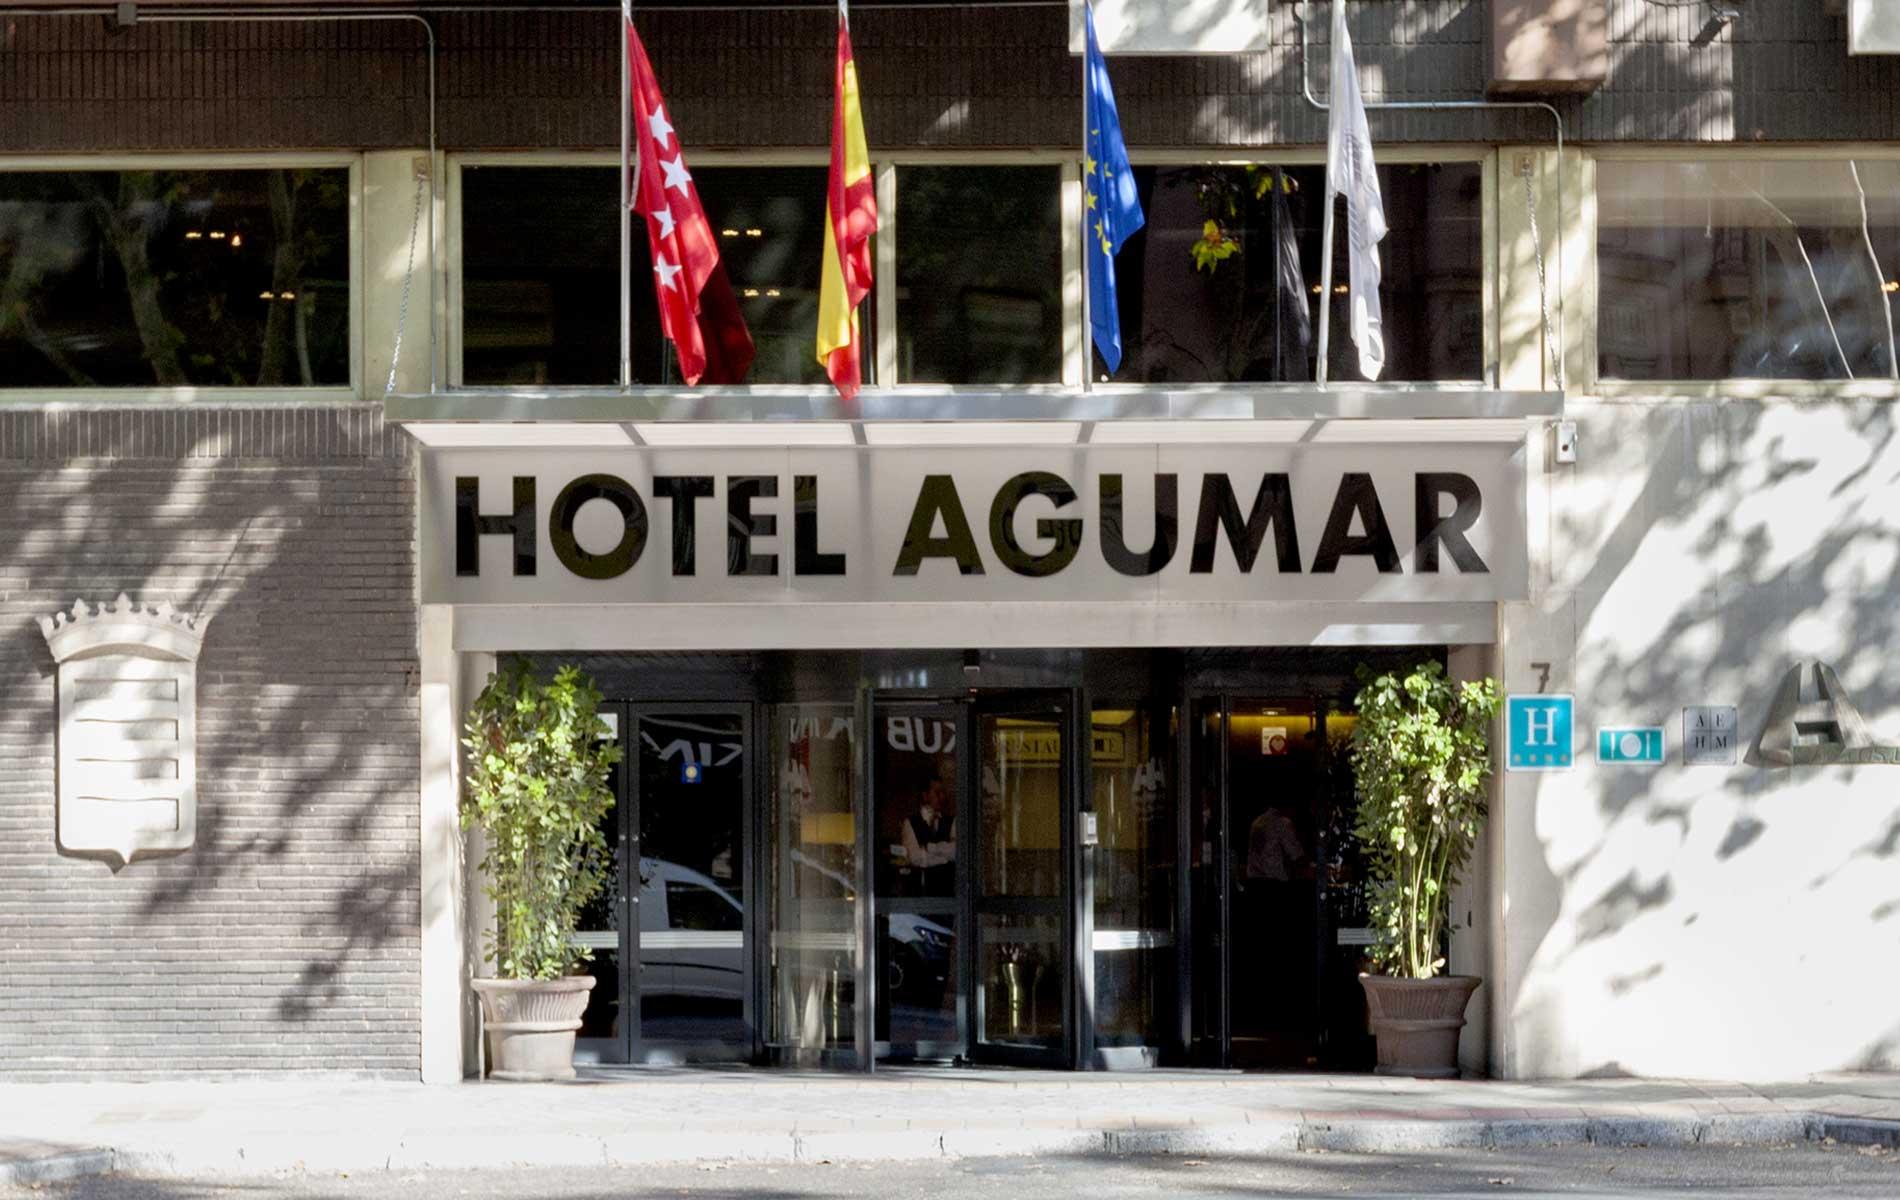 Hotel Agumar Madrid